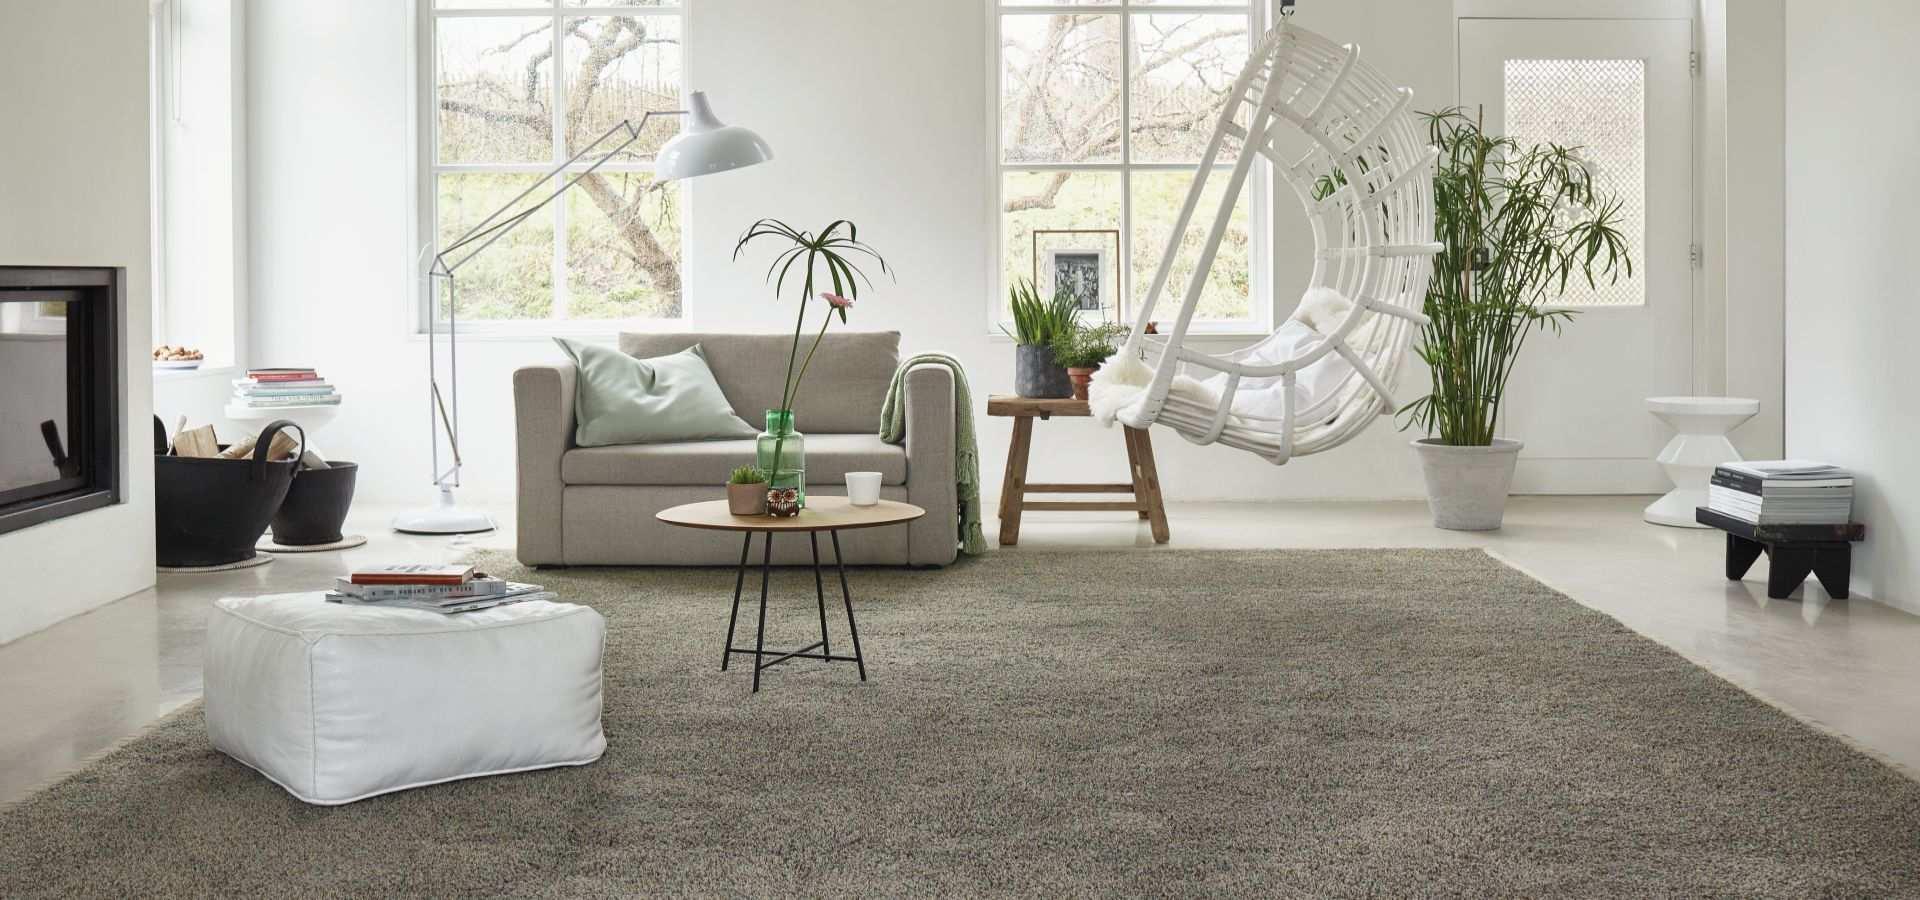 Bild Wohnzimmer Teppichboden grau beige meliert